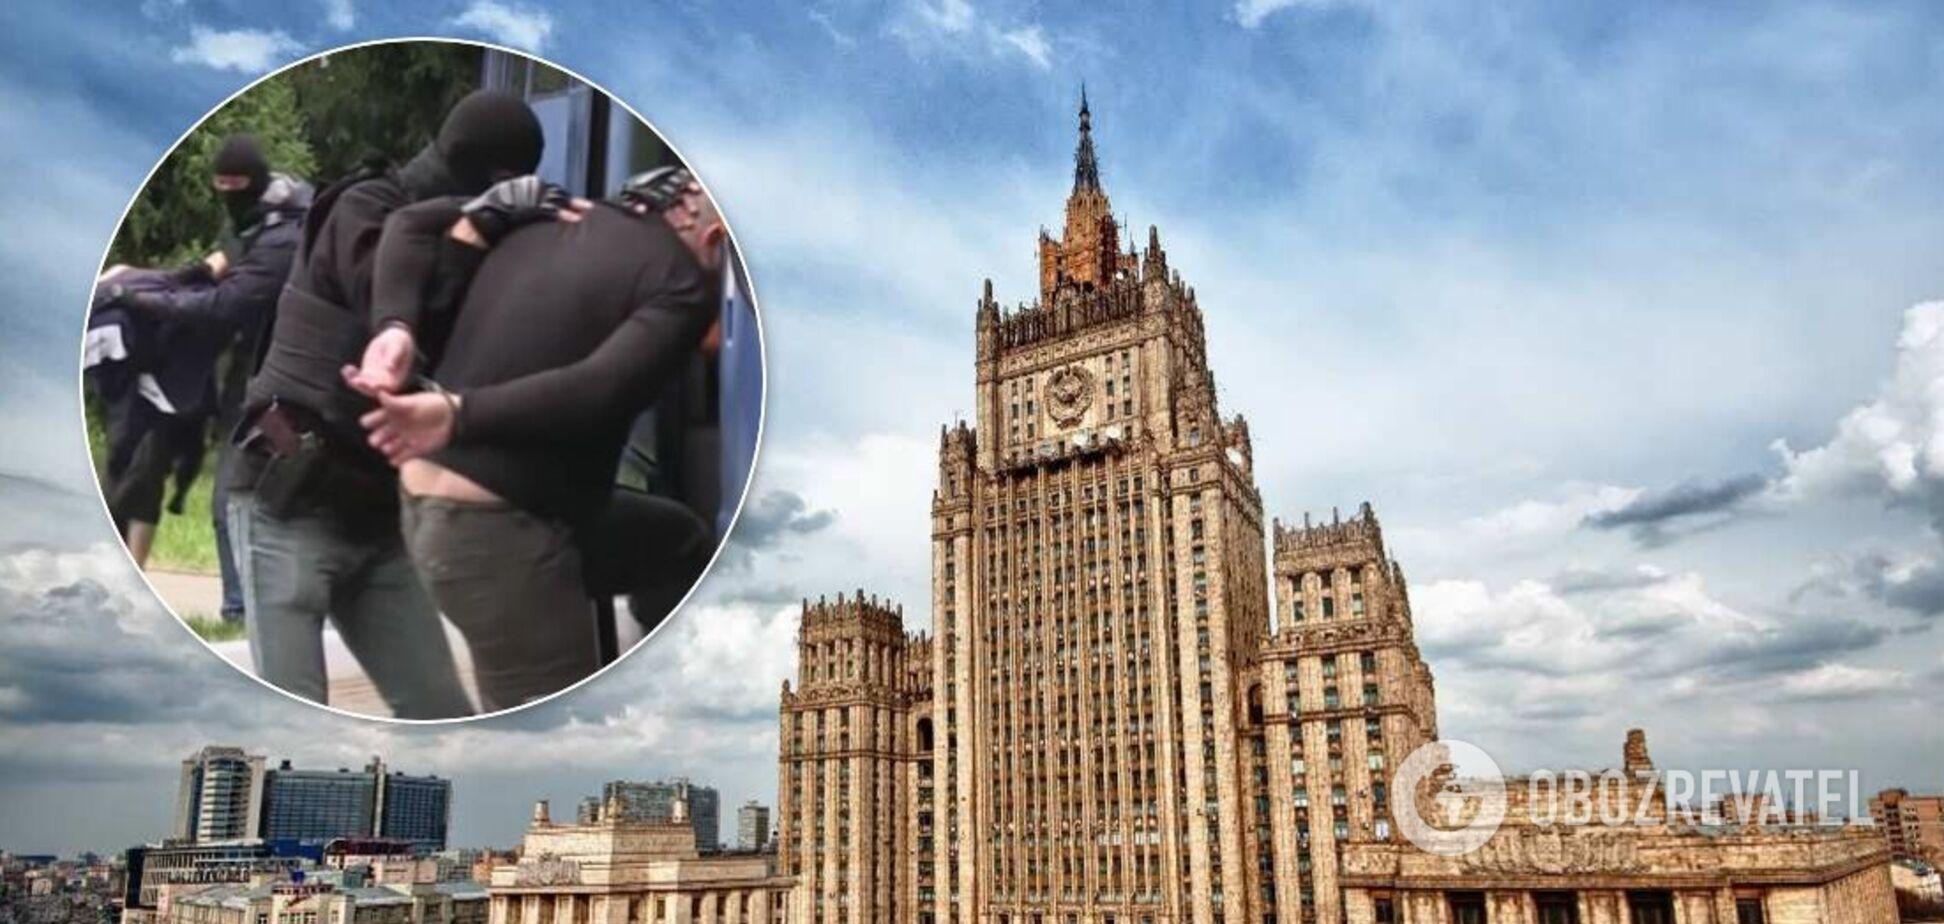 МИД РФ возмущен задержанием наемников ЧВК Вагнера в Беларуси